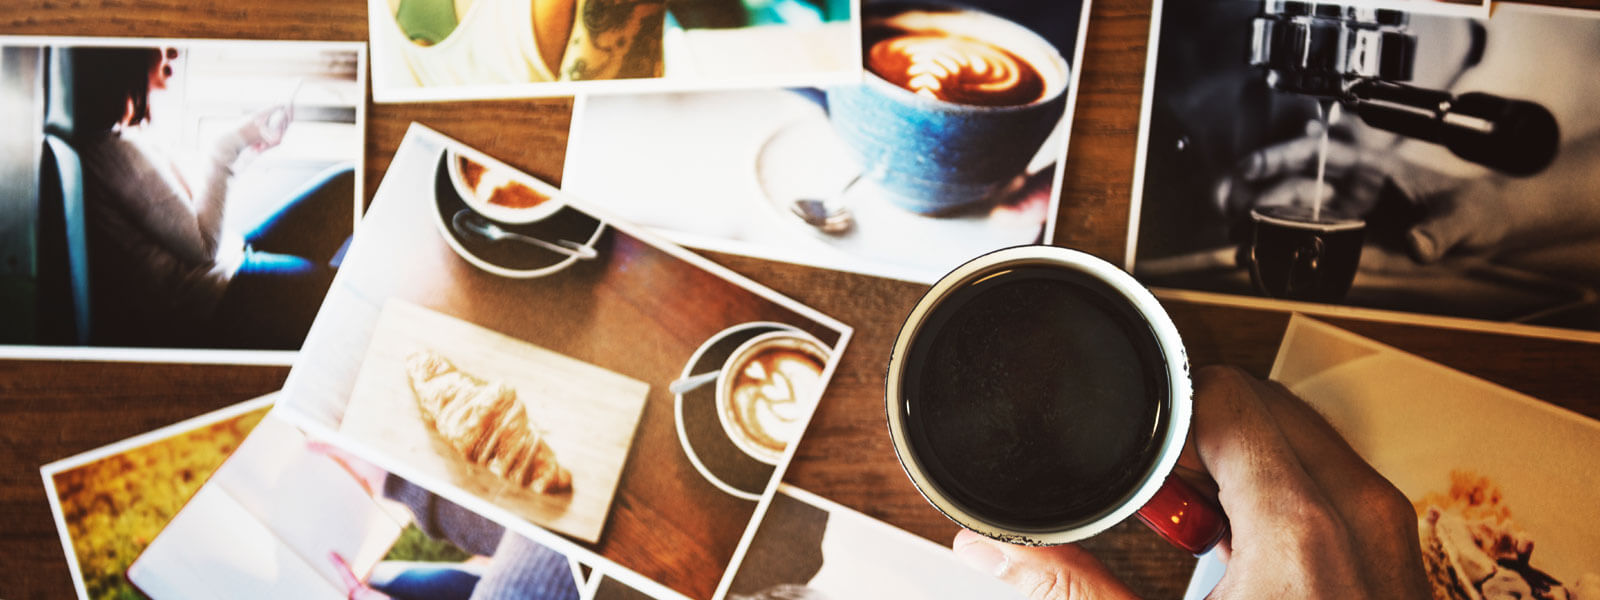 عکس مربوط به 4 نوع از سبک های عکاسی که باید بشناسید و عکاسی طبیعت و عکاسی از مردم و عکاسی از اجسام بی جان